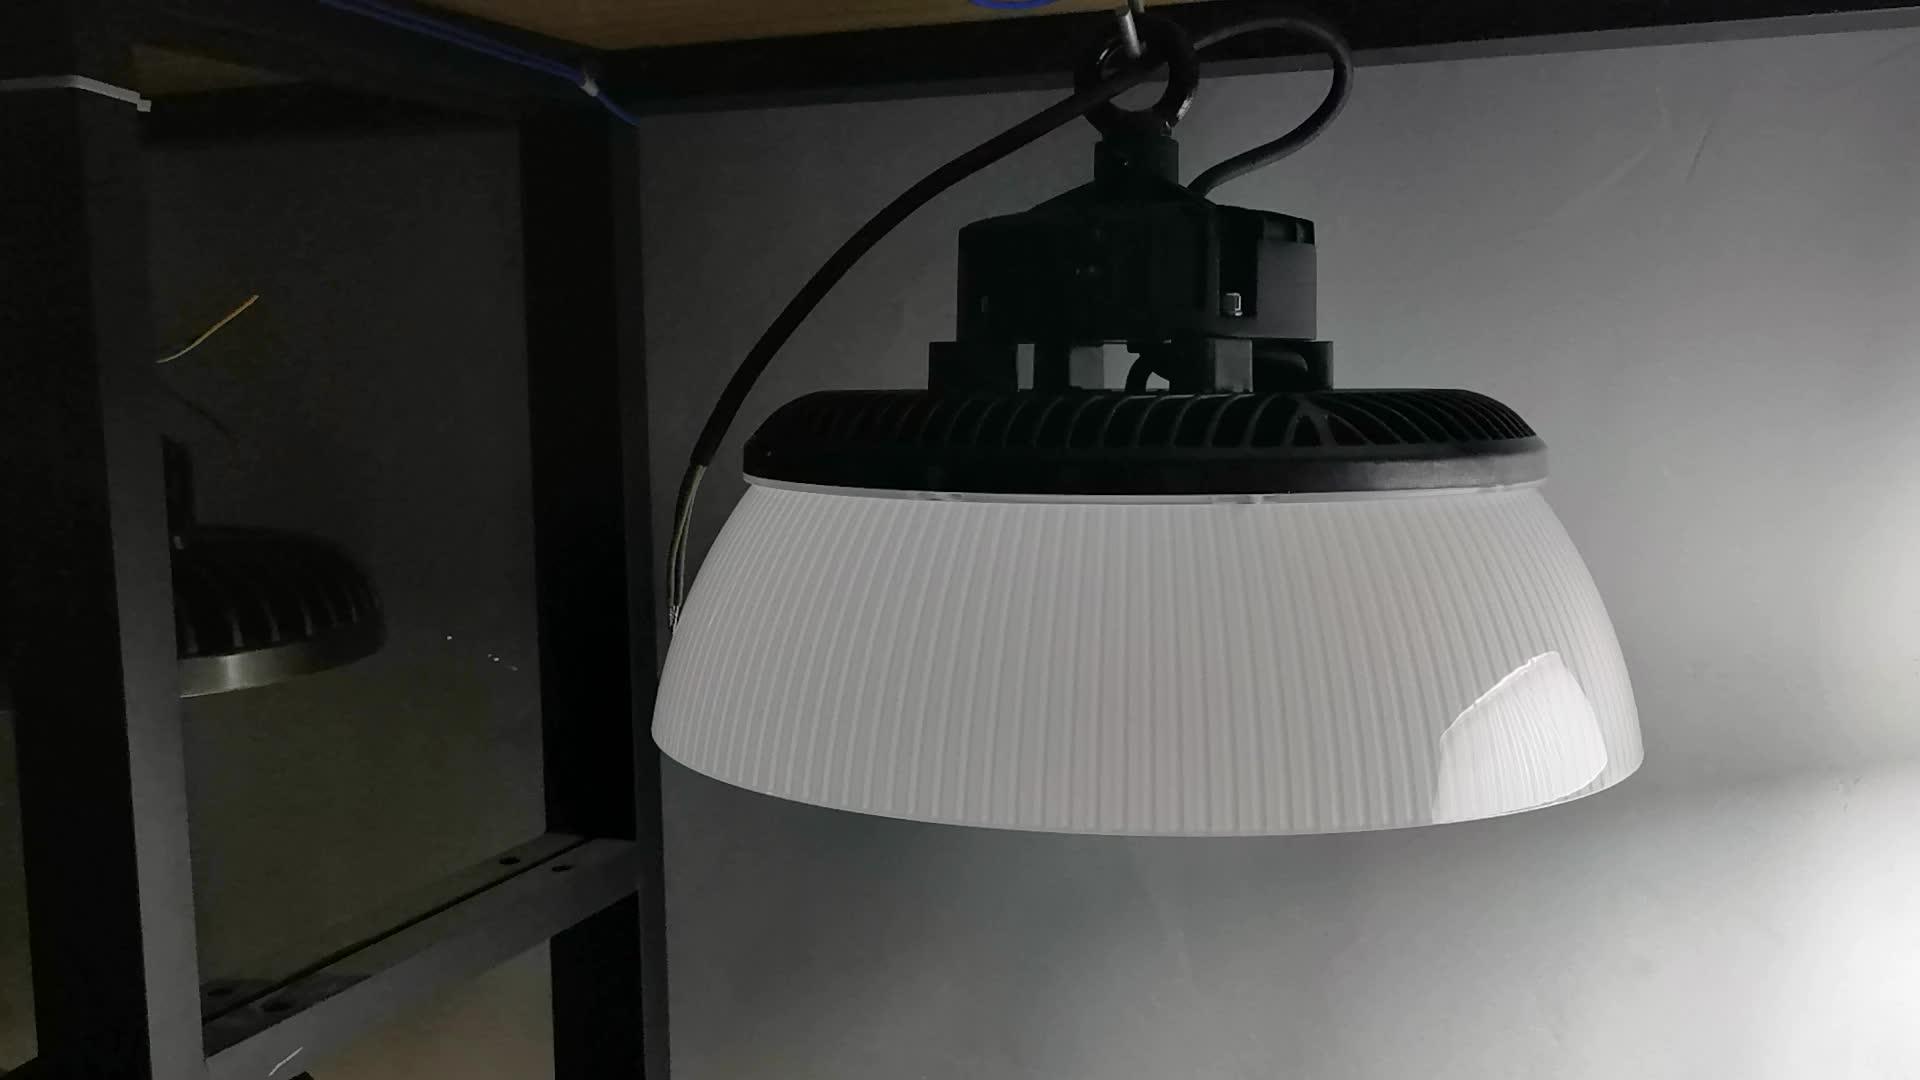 150W LED hohe bucht licht Hohe Effizienz UFO bay licht Kosten-effektive Hohe Helligkeit UFO Graphene körper UFO